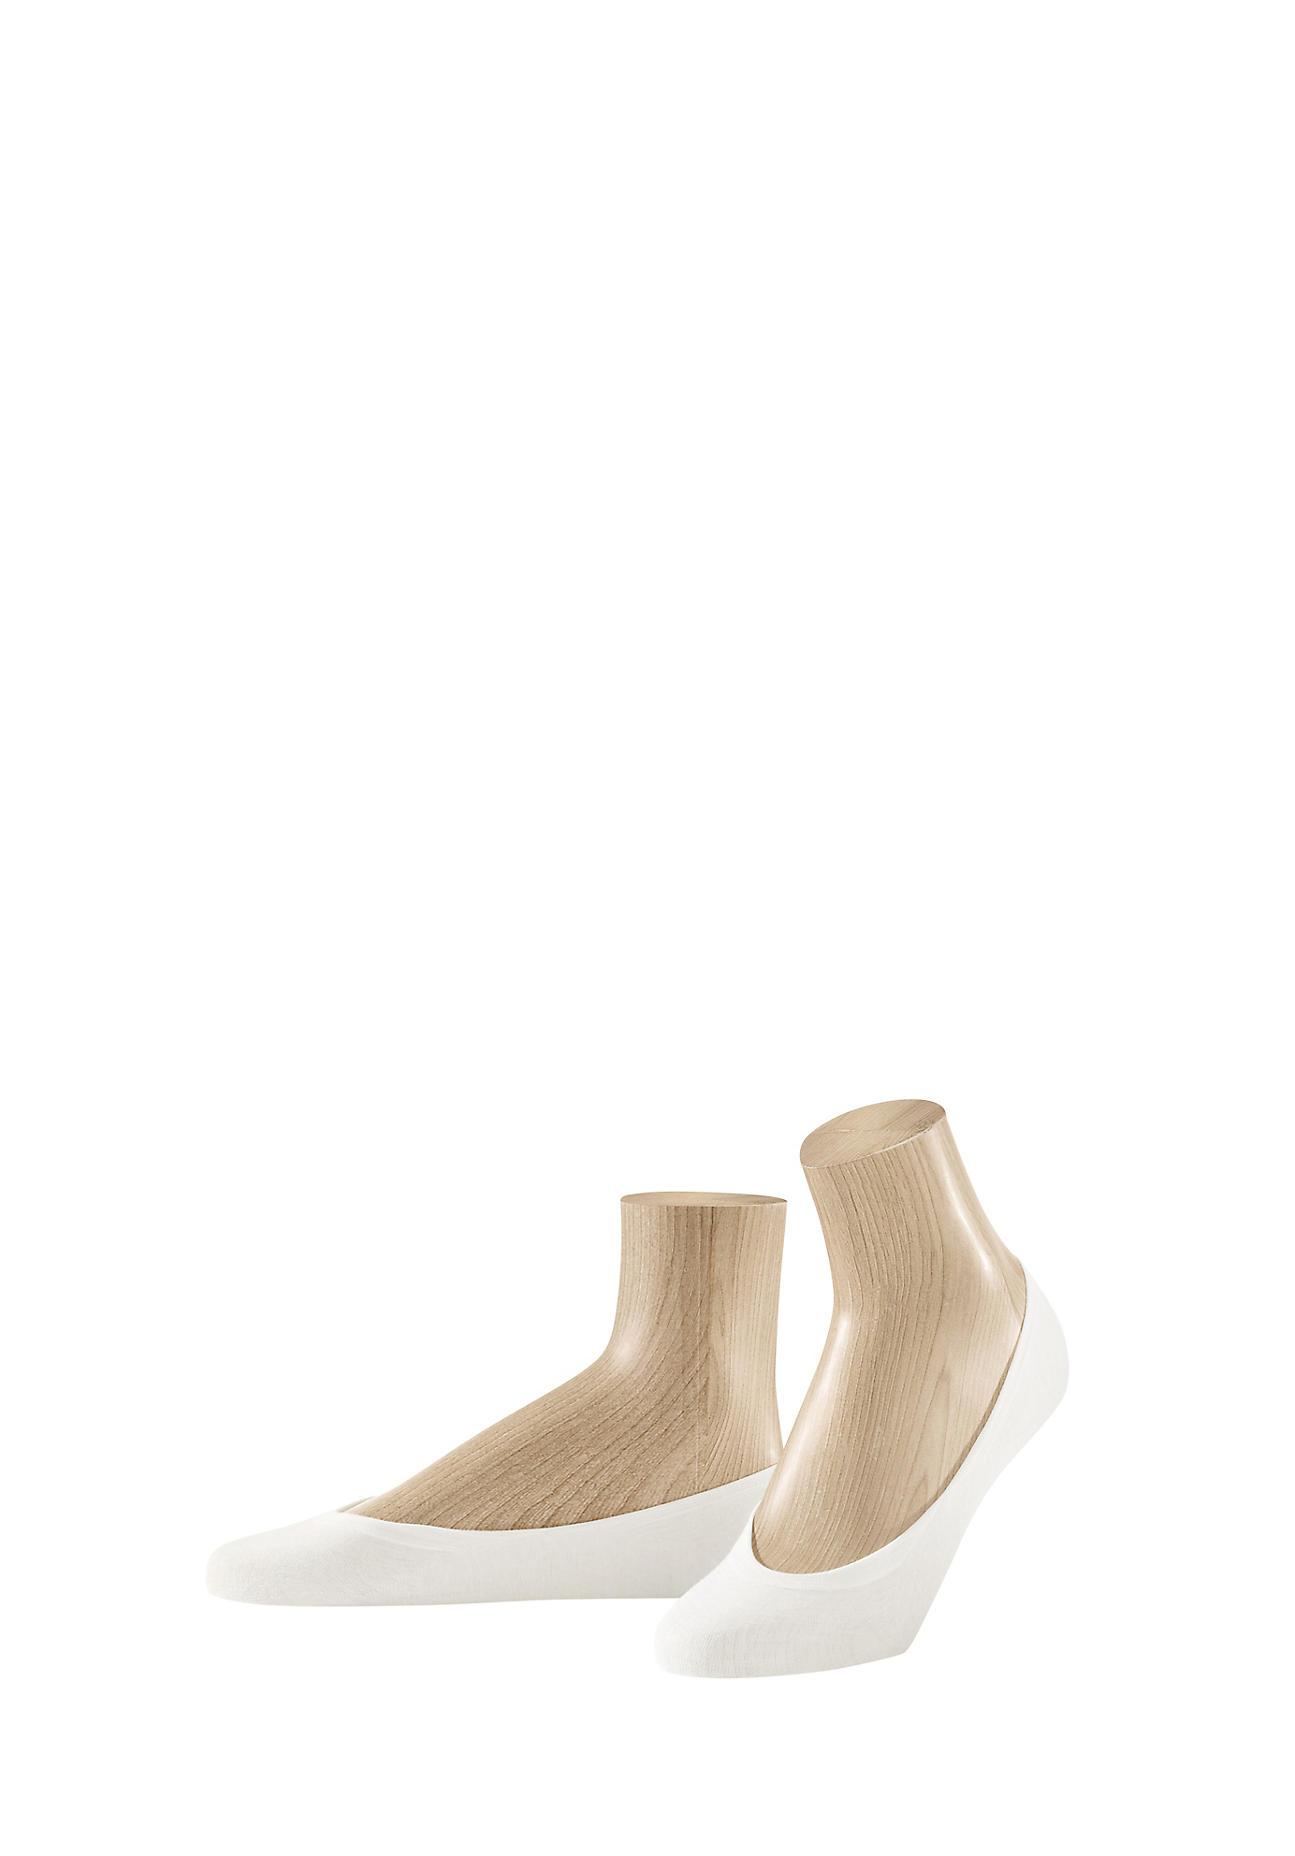 hessnatur Füßlinge im 3er Pack aus Bio Baumwolle – weiß – Größe 35 38